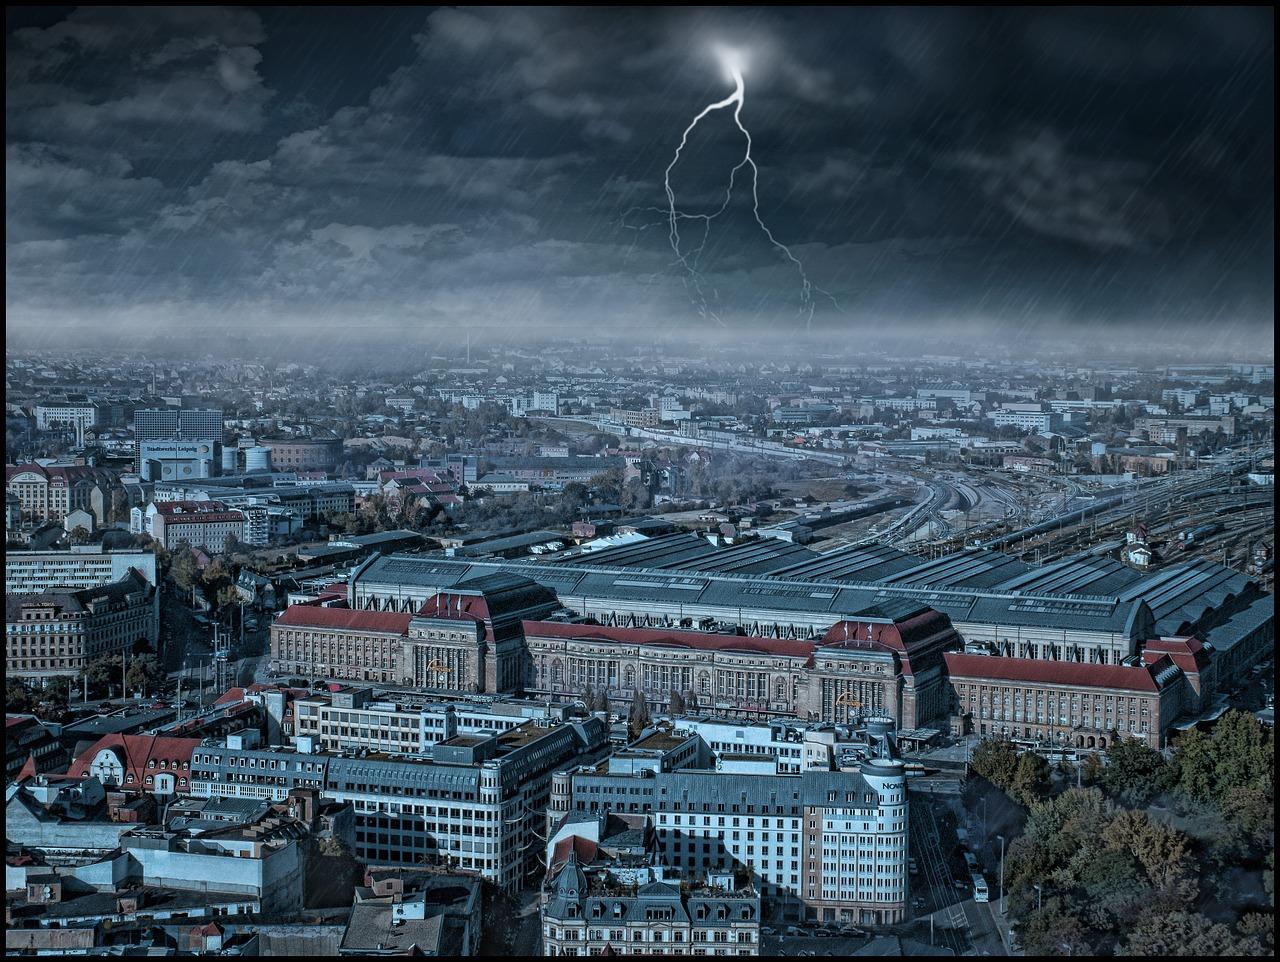 Quelle: https://pixabay.com/de/stadt-panorama-weitblick-d%C3%A4cher-1083953/